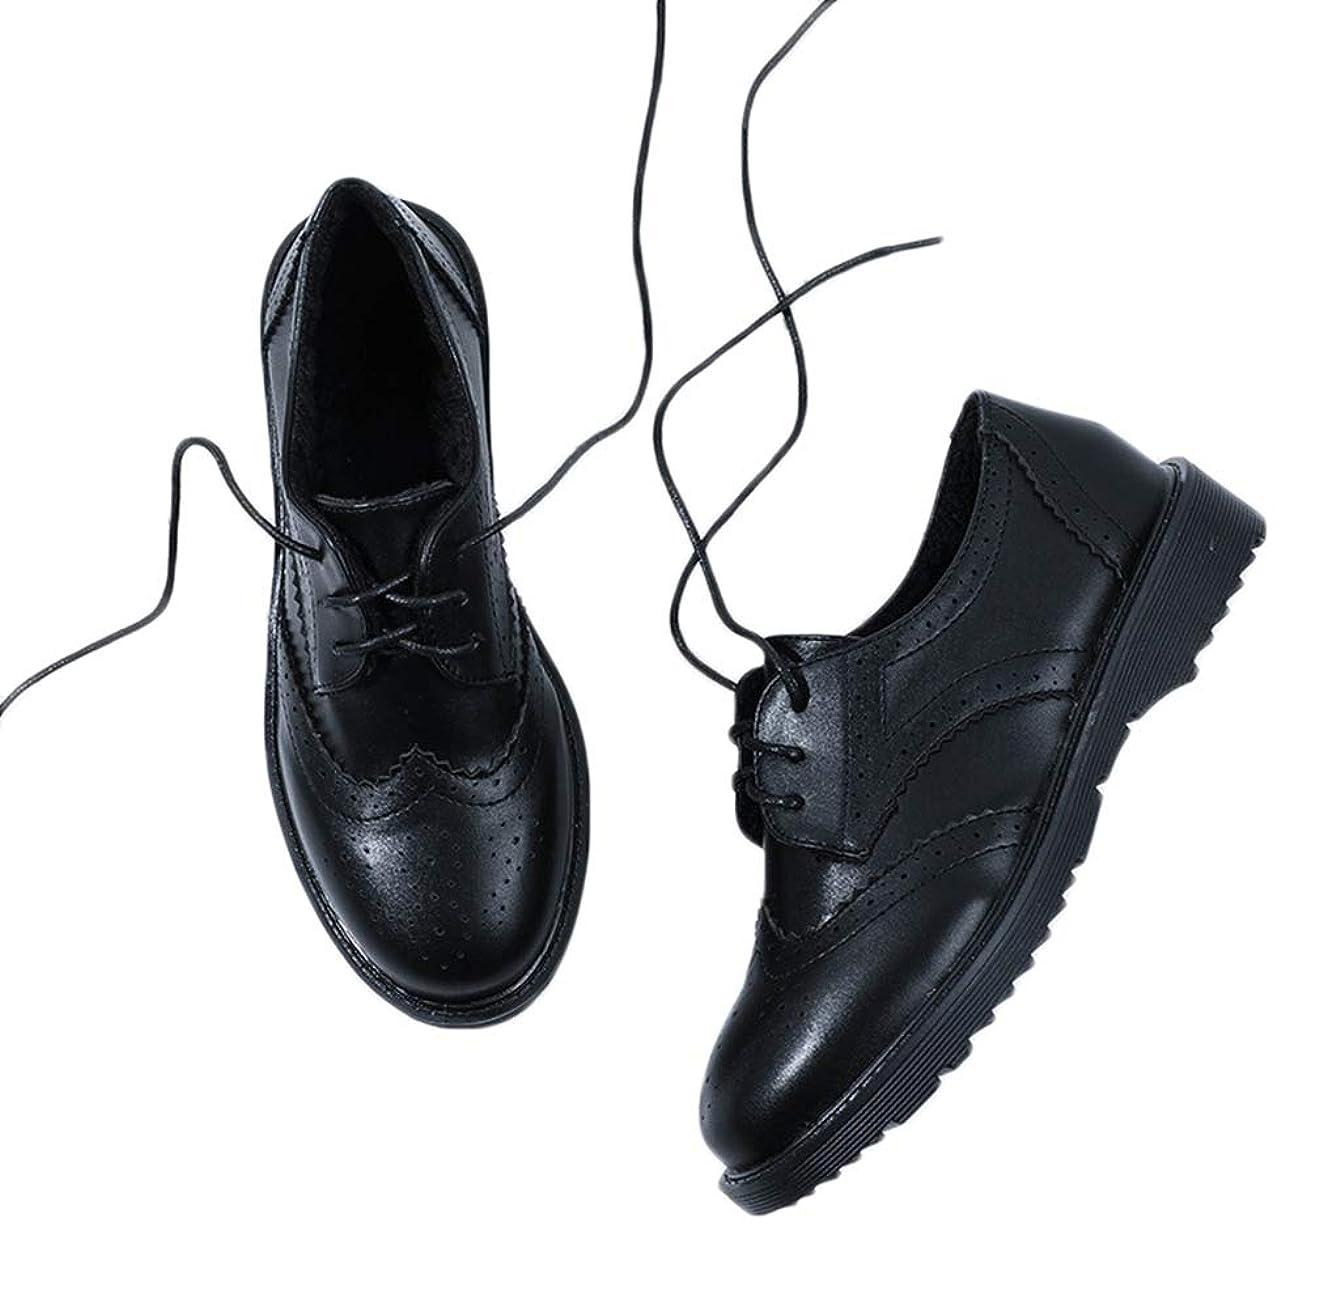 タイピスト有用施し[THLD] オックスフォードシューズ おじ靴 レースアップシューズ ウィングチップ カジュアルシューズ レディース ワークブーツ レースアップ 3ホール 走れる マニッシュ 厚底 紐 ブラック 黒 靴 韓国